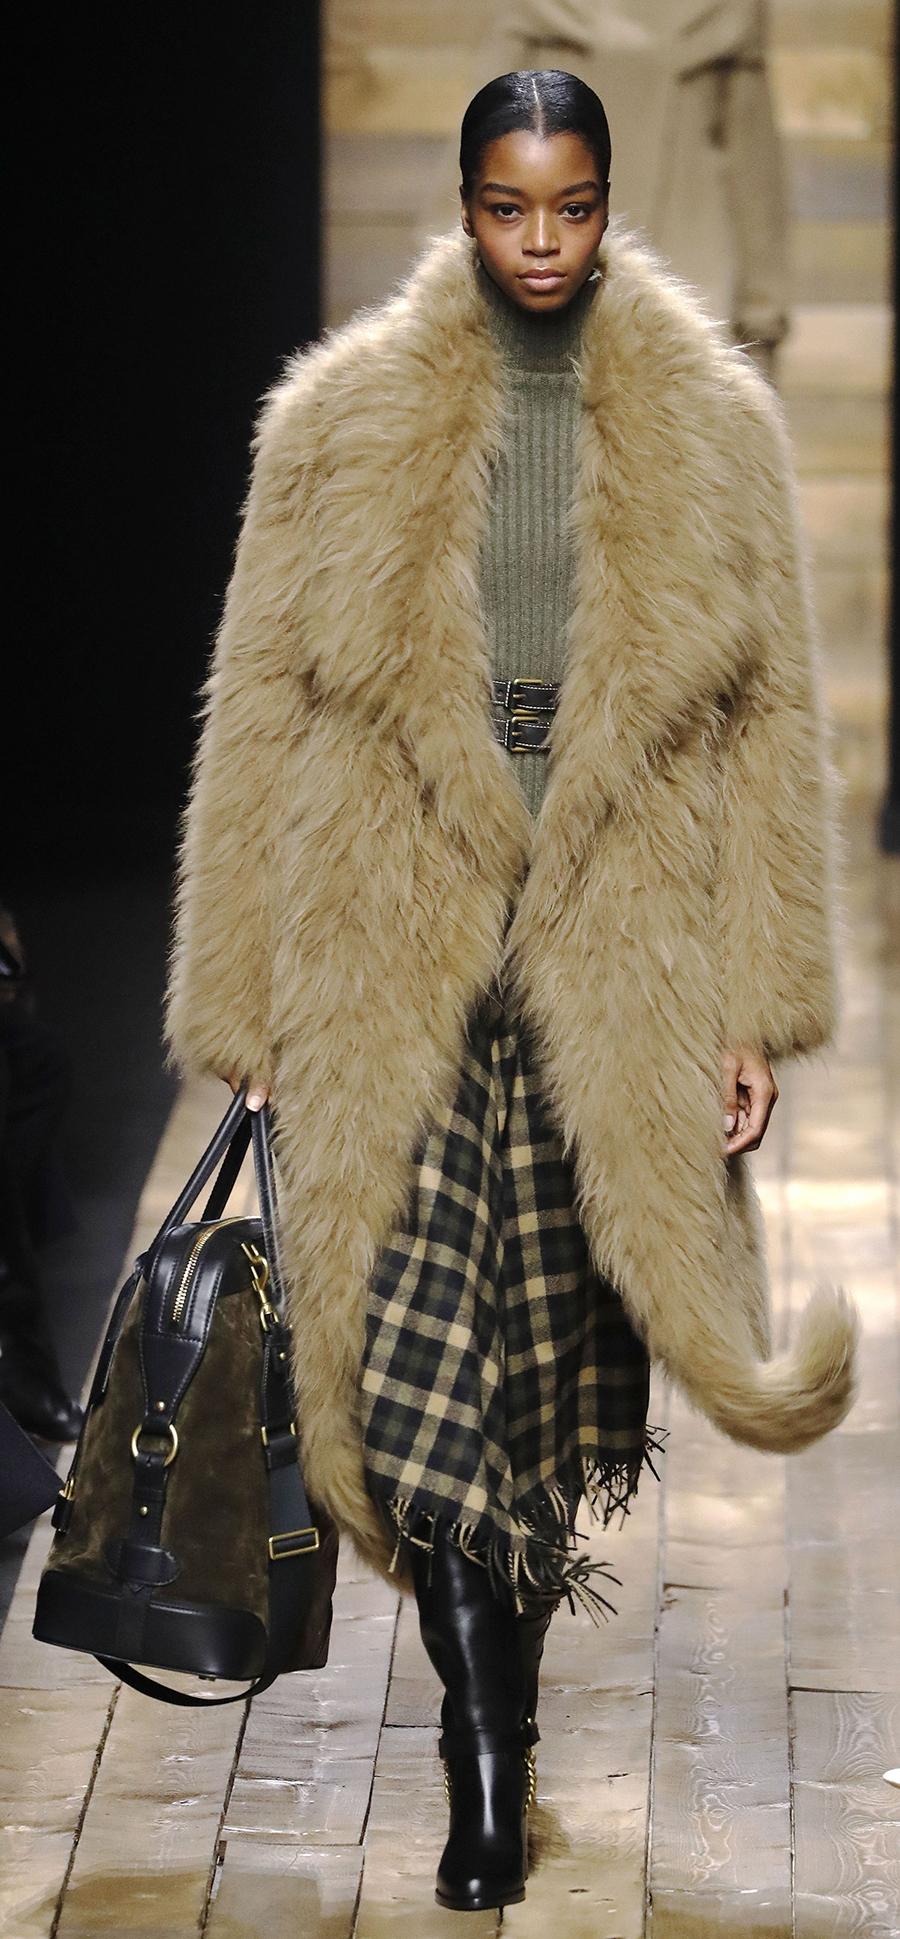 модная шуба осень зима 2020 2021 длинная пушистая бежевая